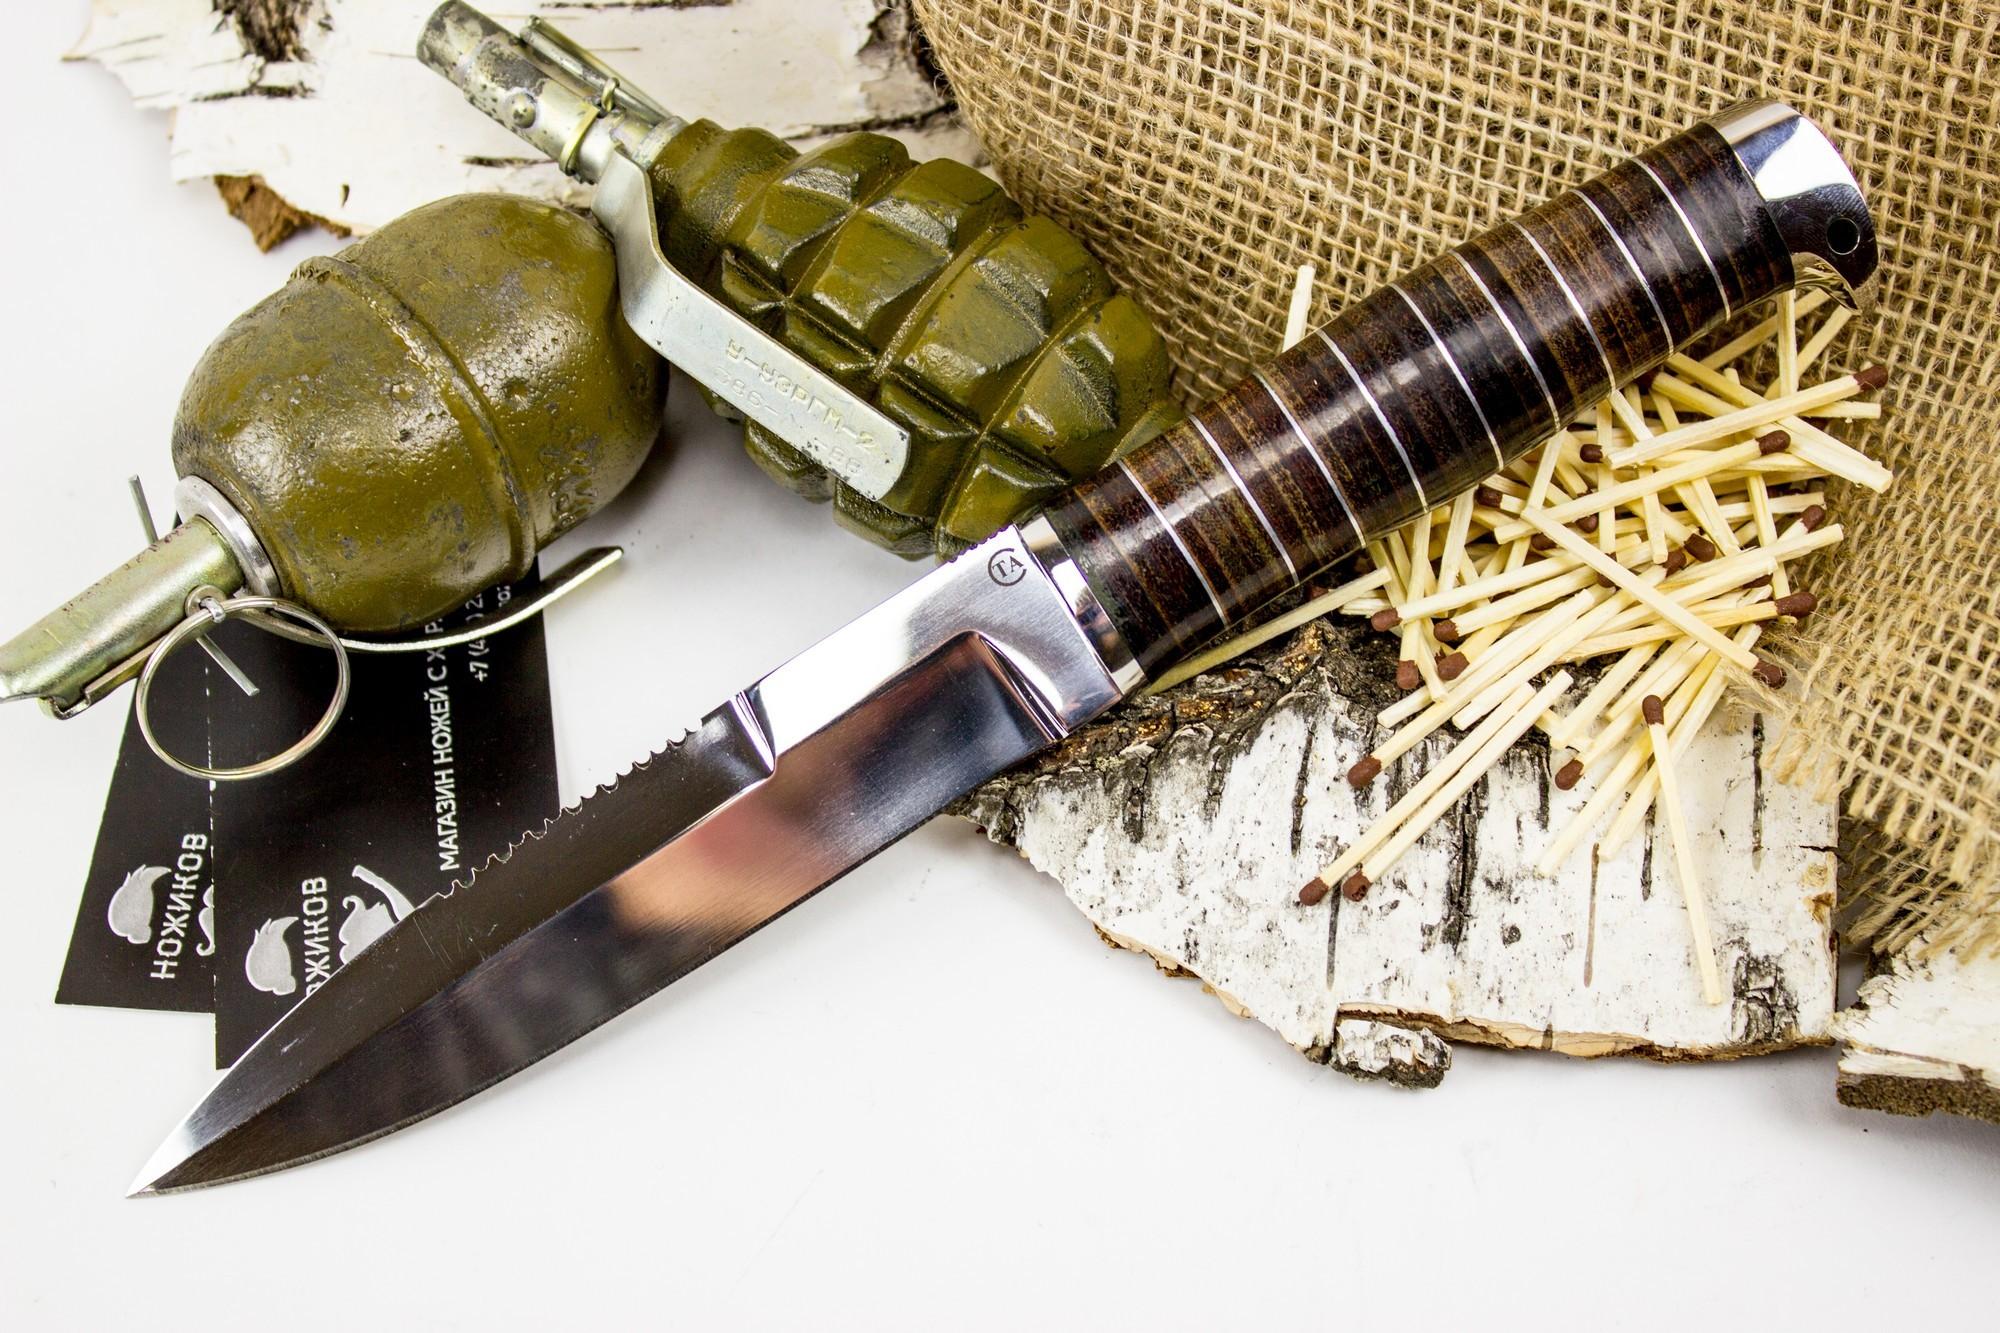 Фото 5 - Нож Пограничник, сталь 95х18, кожа от Титов и Солдатова